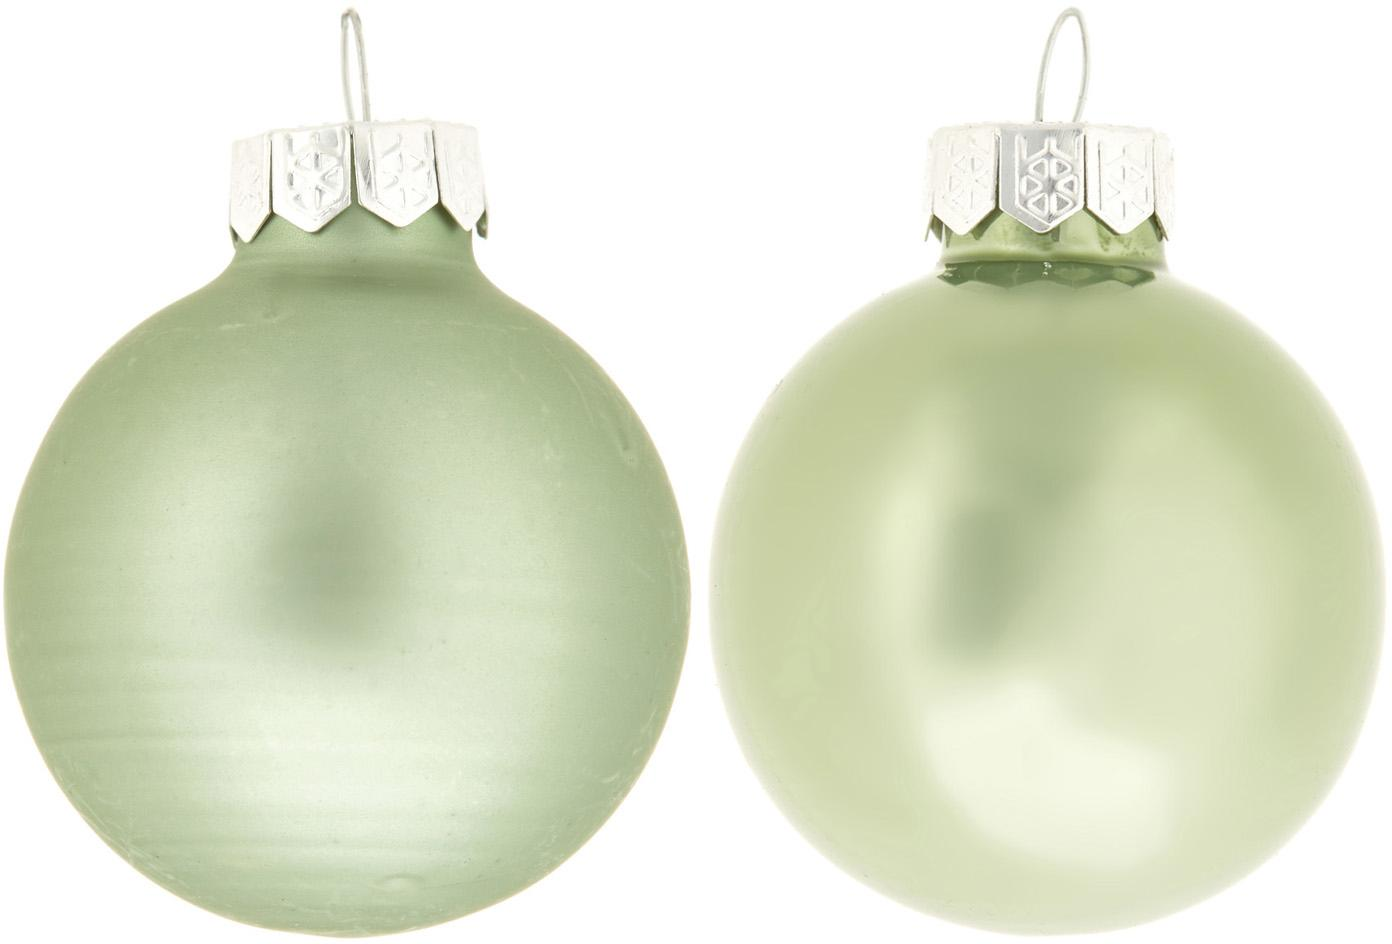 Mini kerstballenset Evergreen Ø4cm, 16-delig, Mintgroen, Ø 4 cm